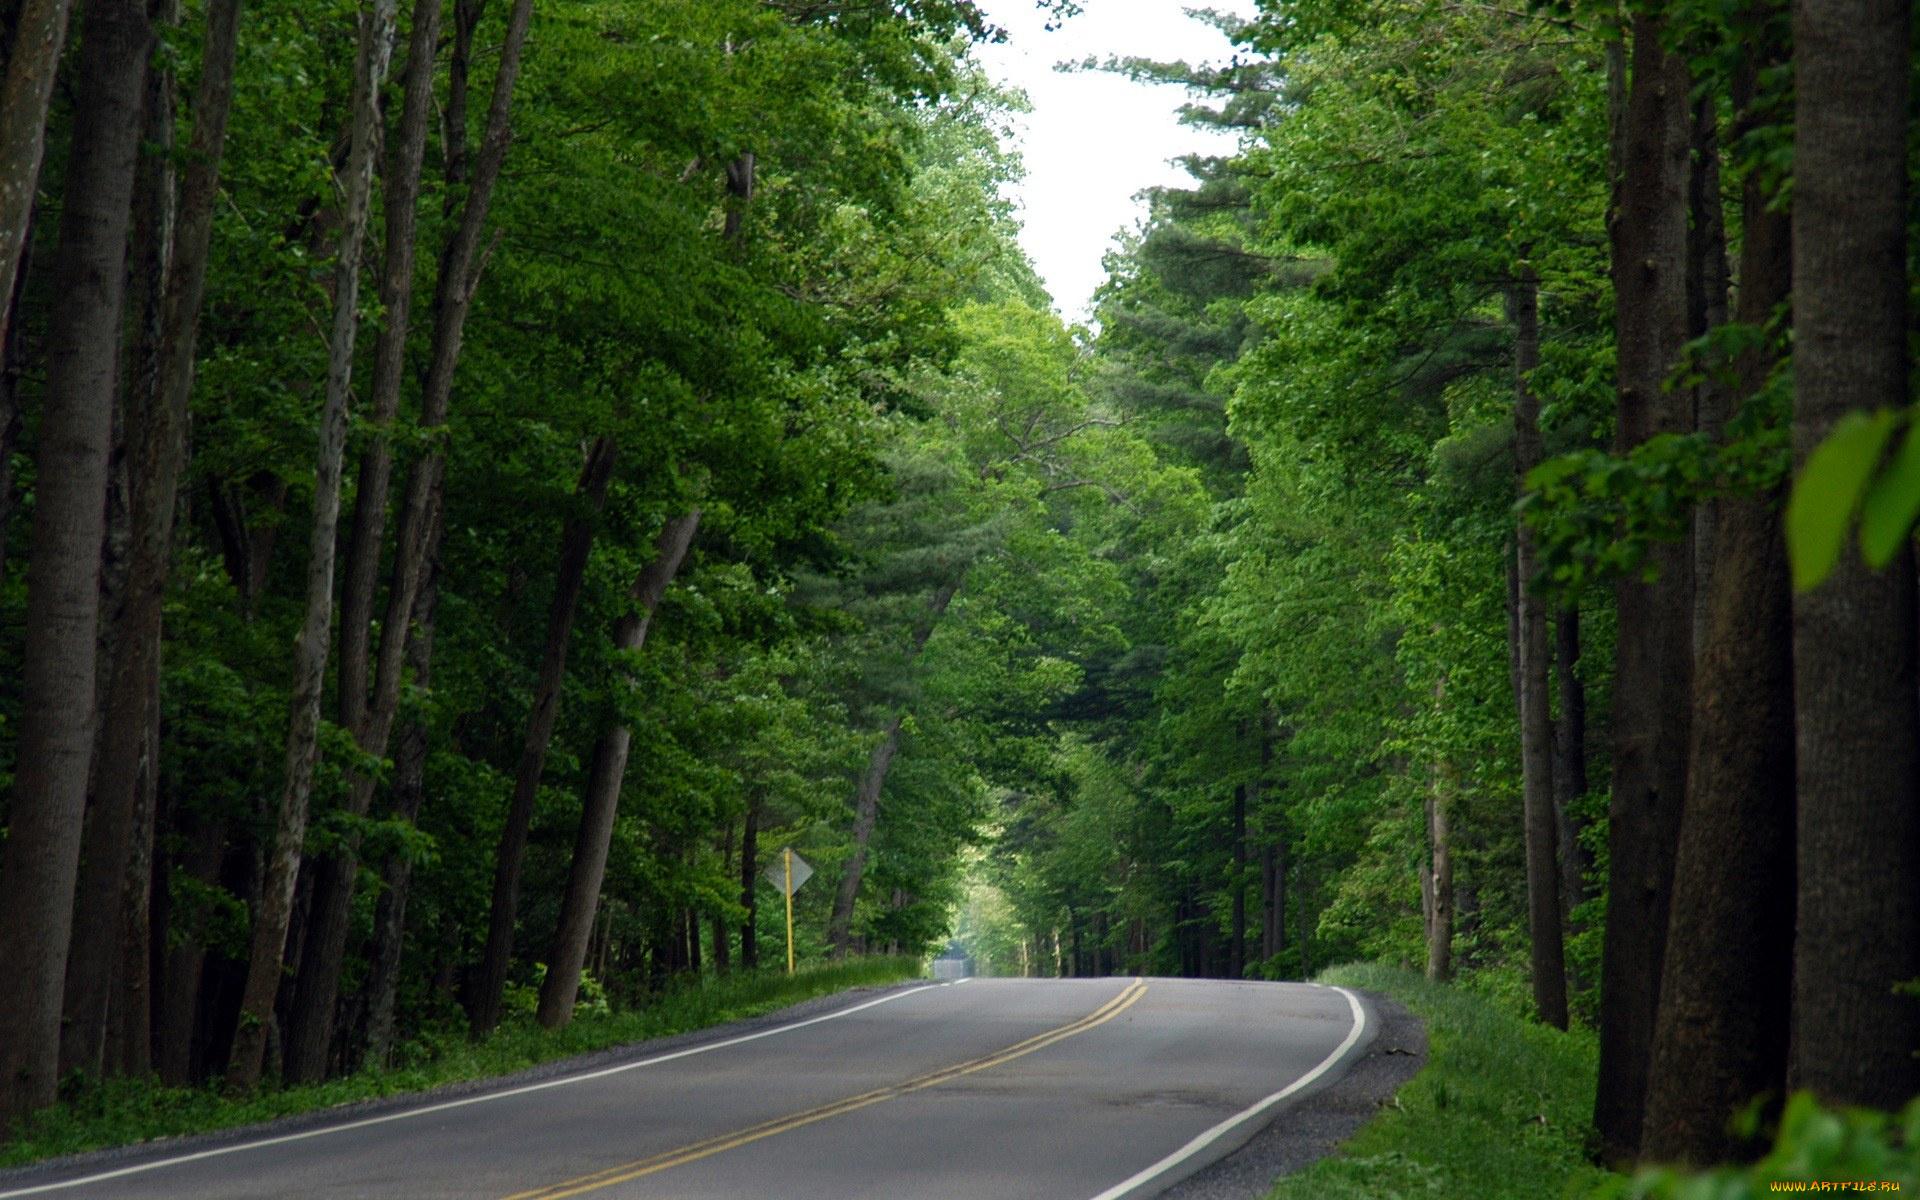 дорога лес road forest скачать